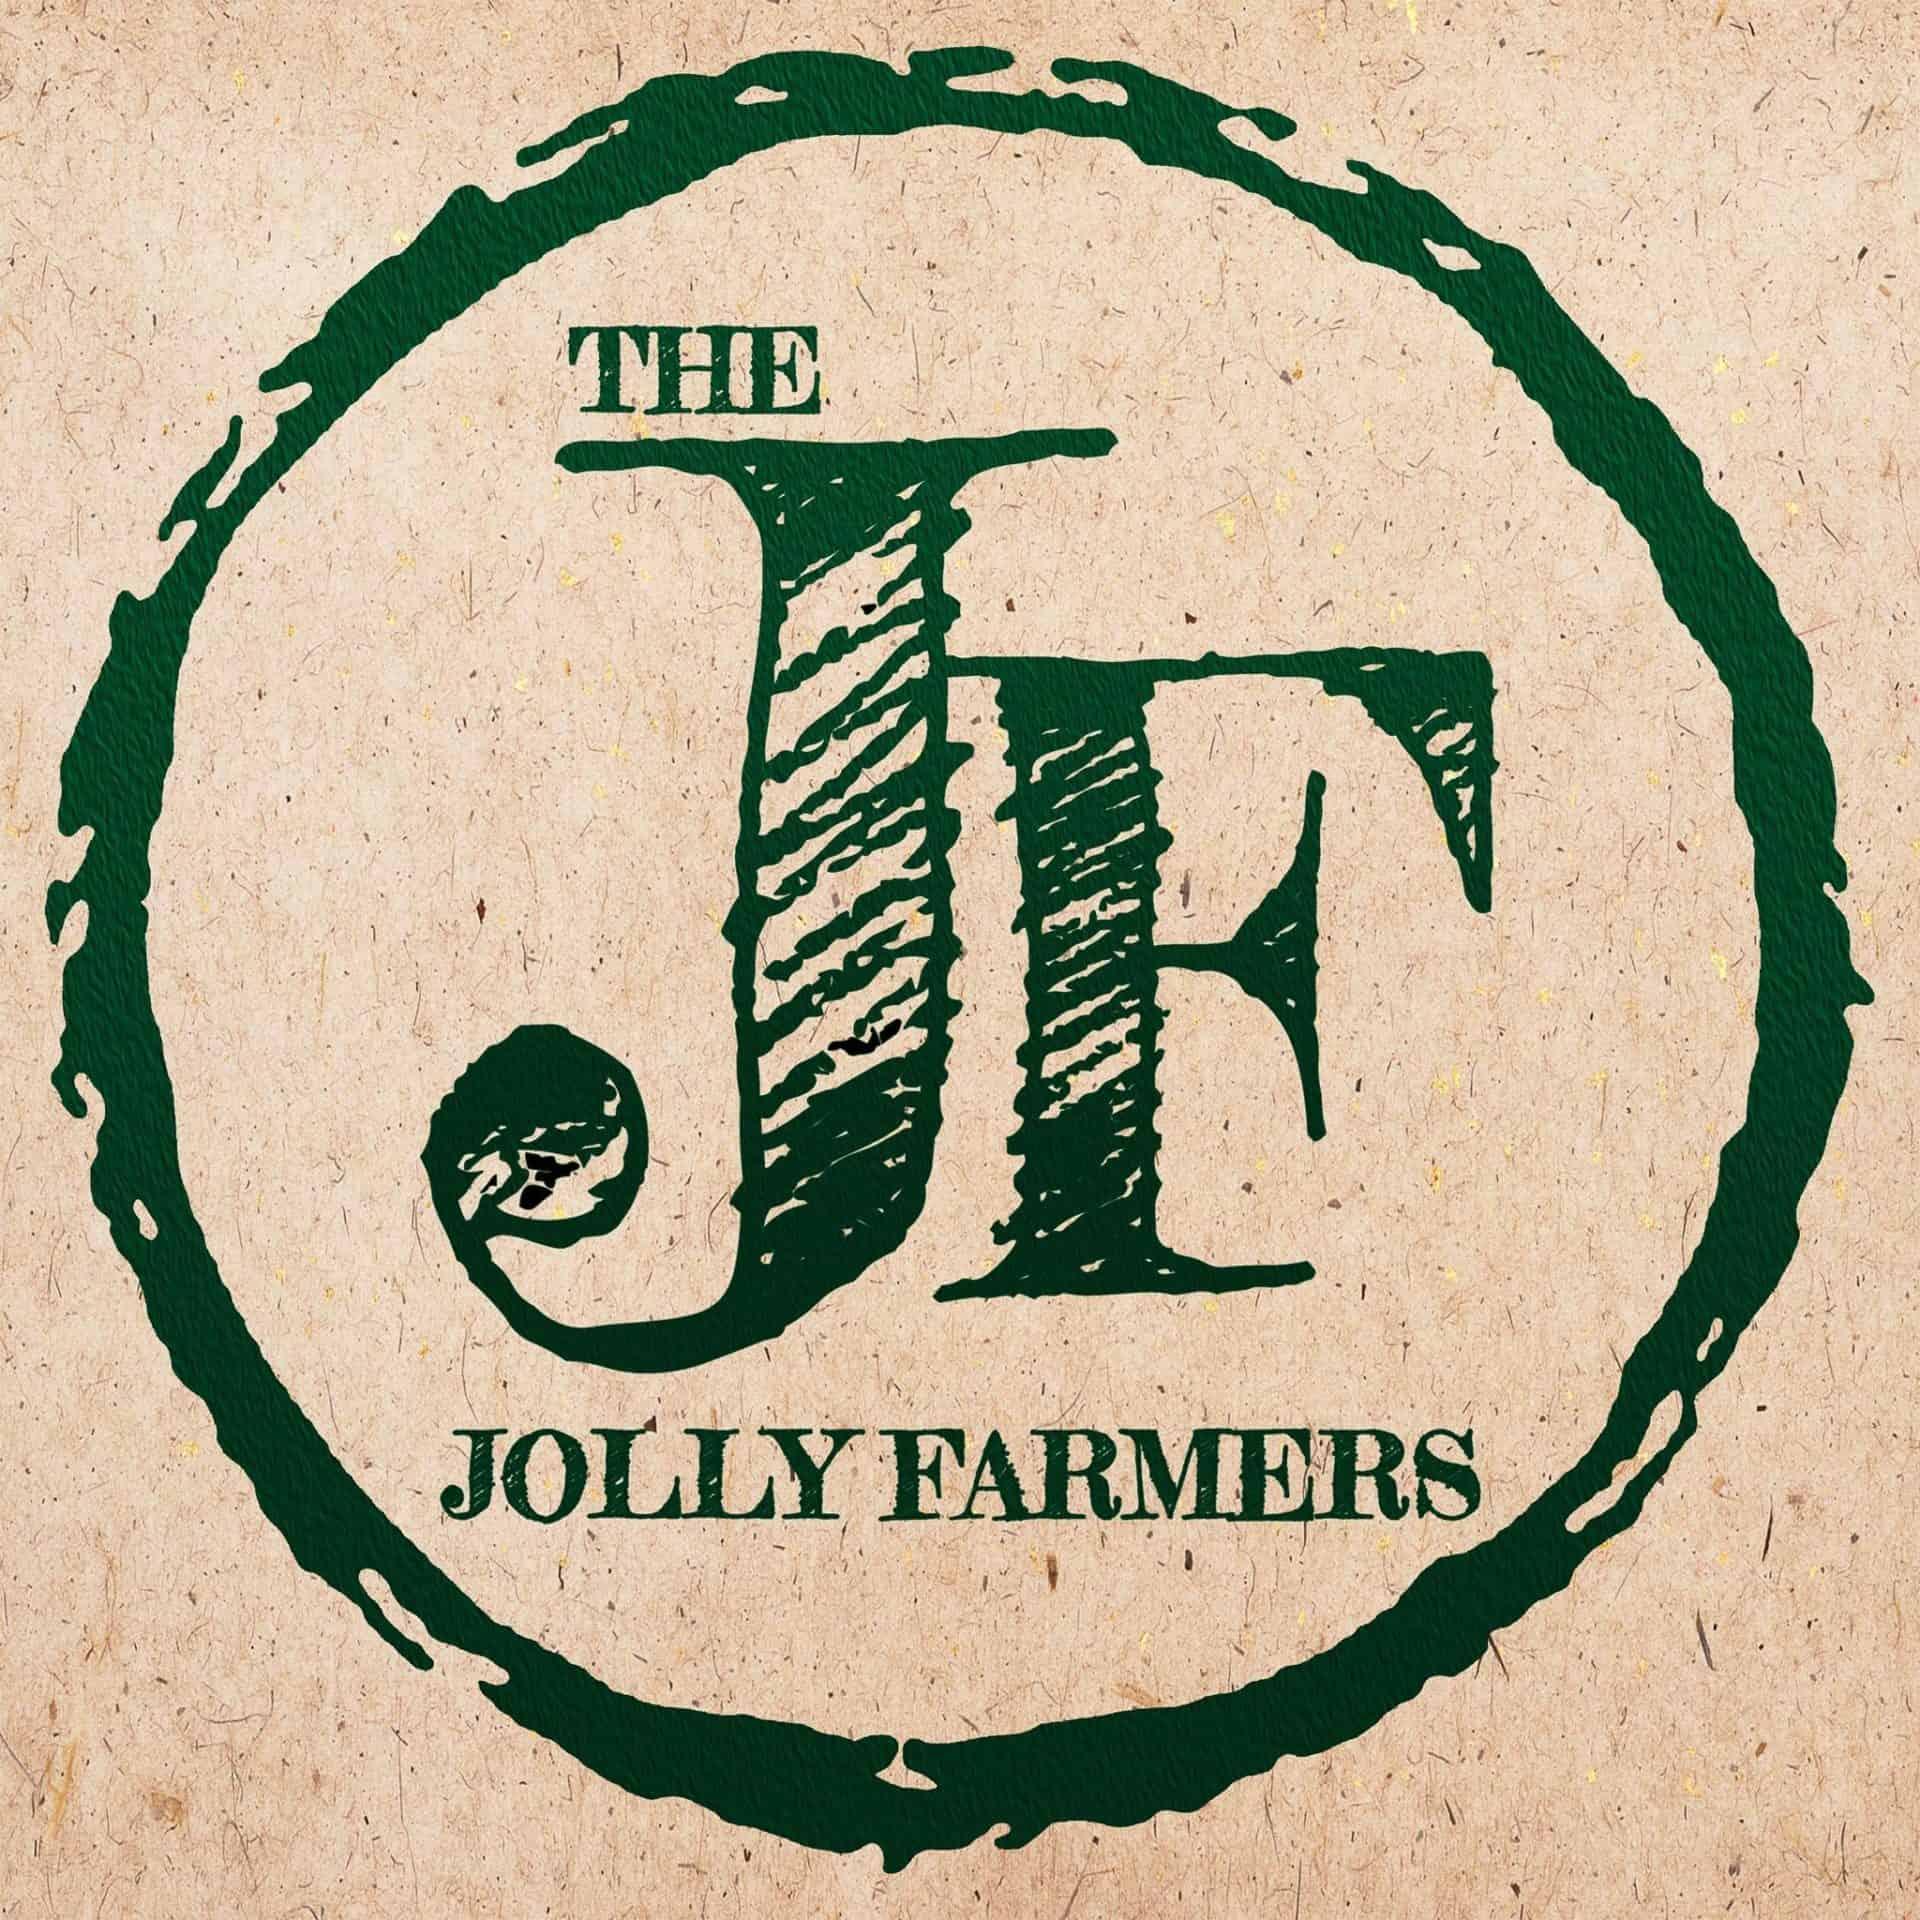 The Jolly Farmers